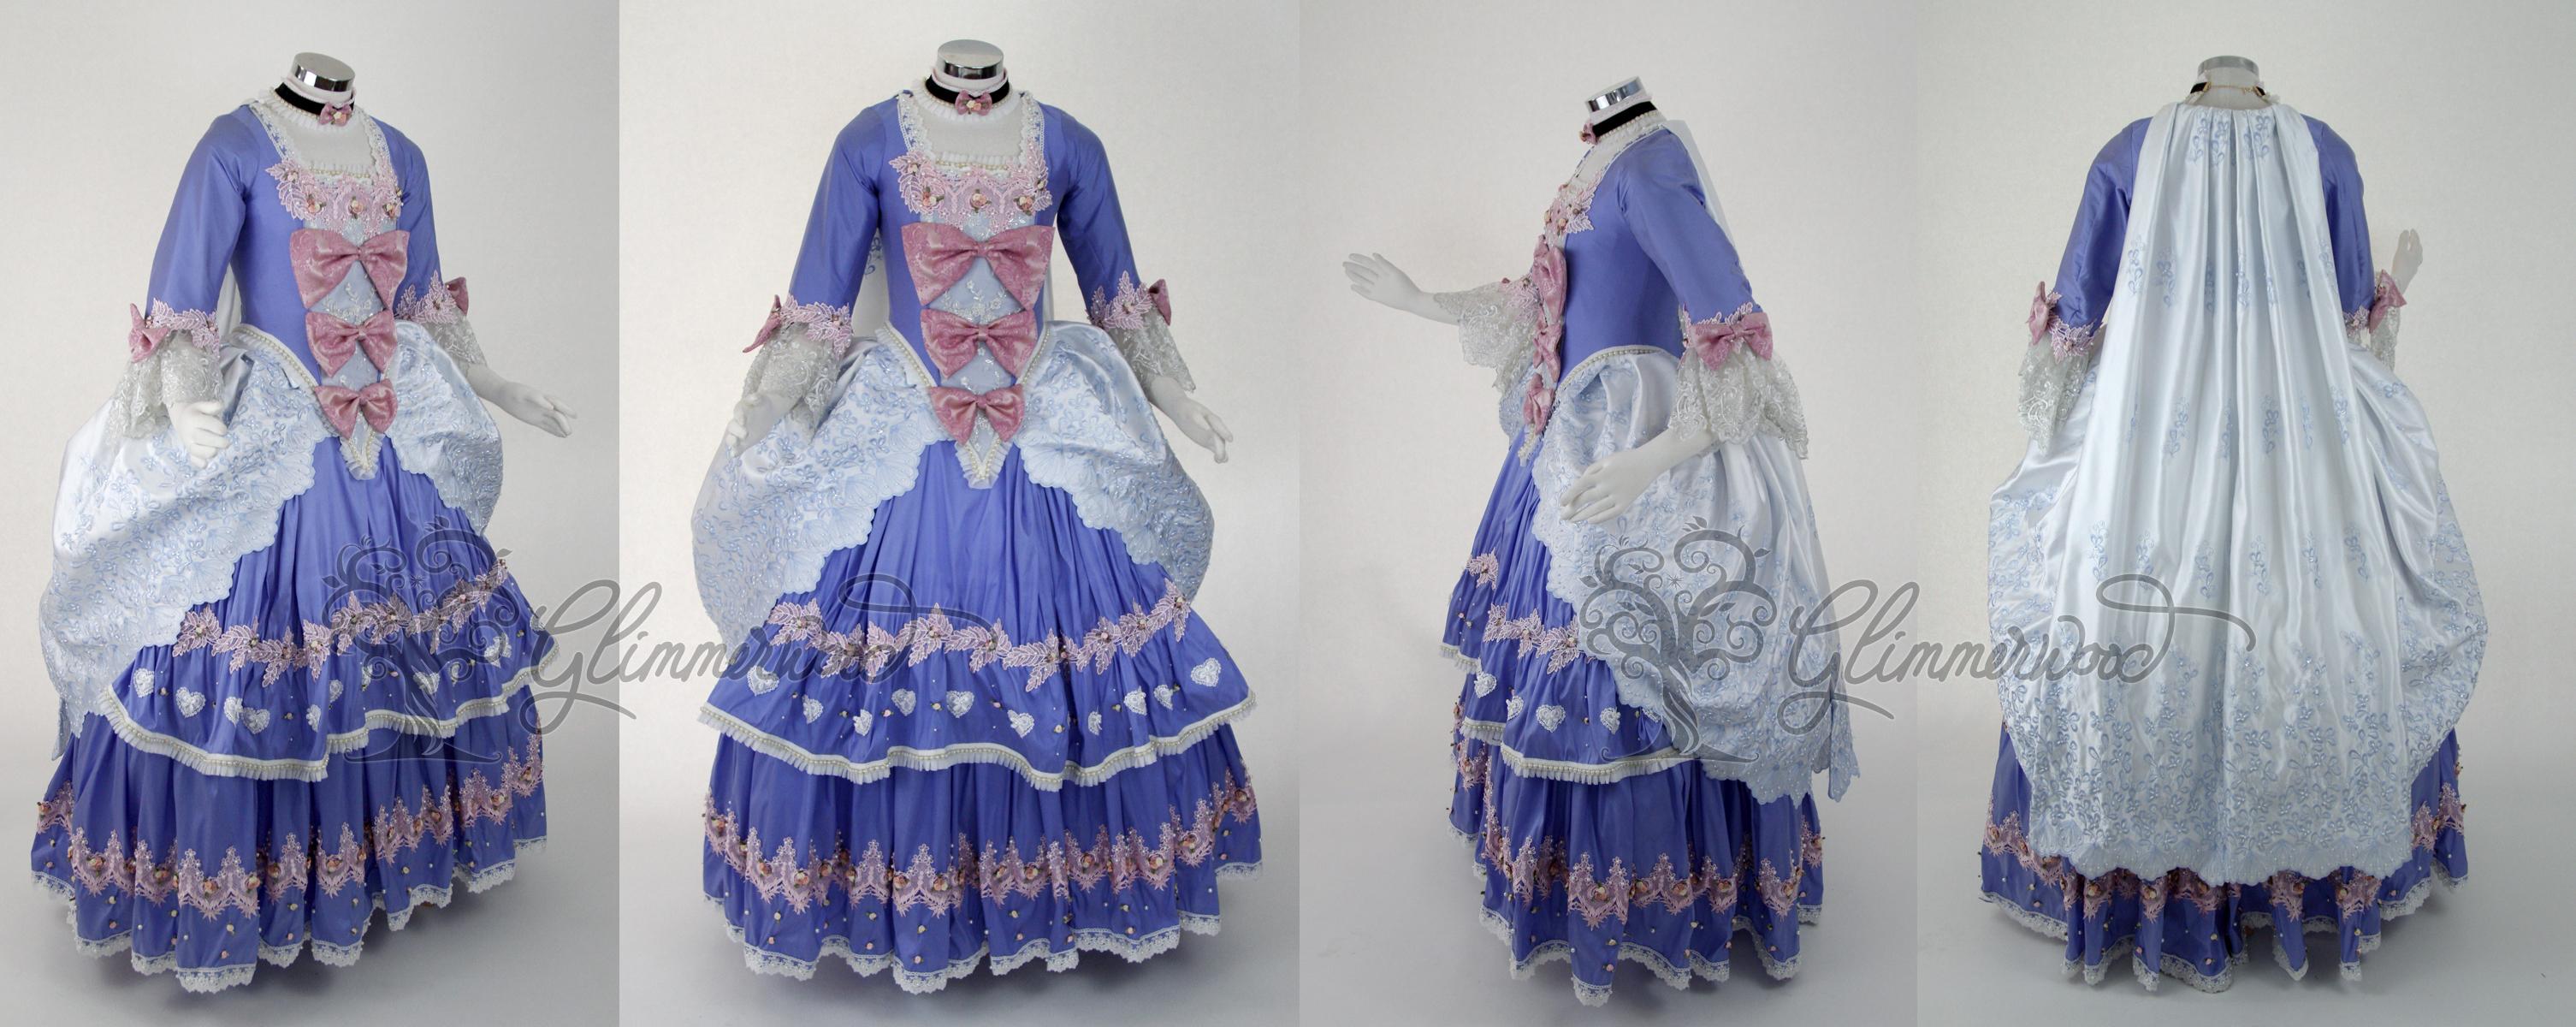 Rococo Cinderella